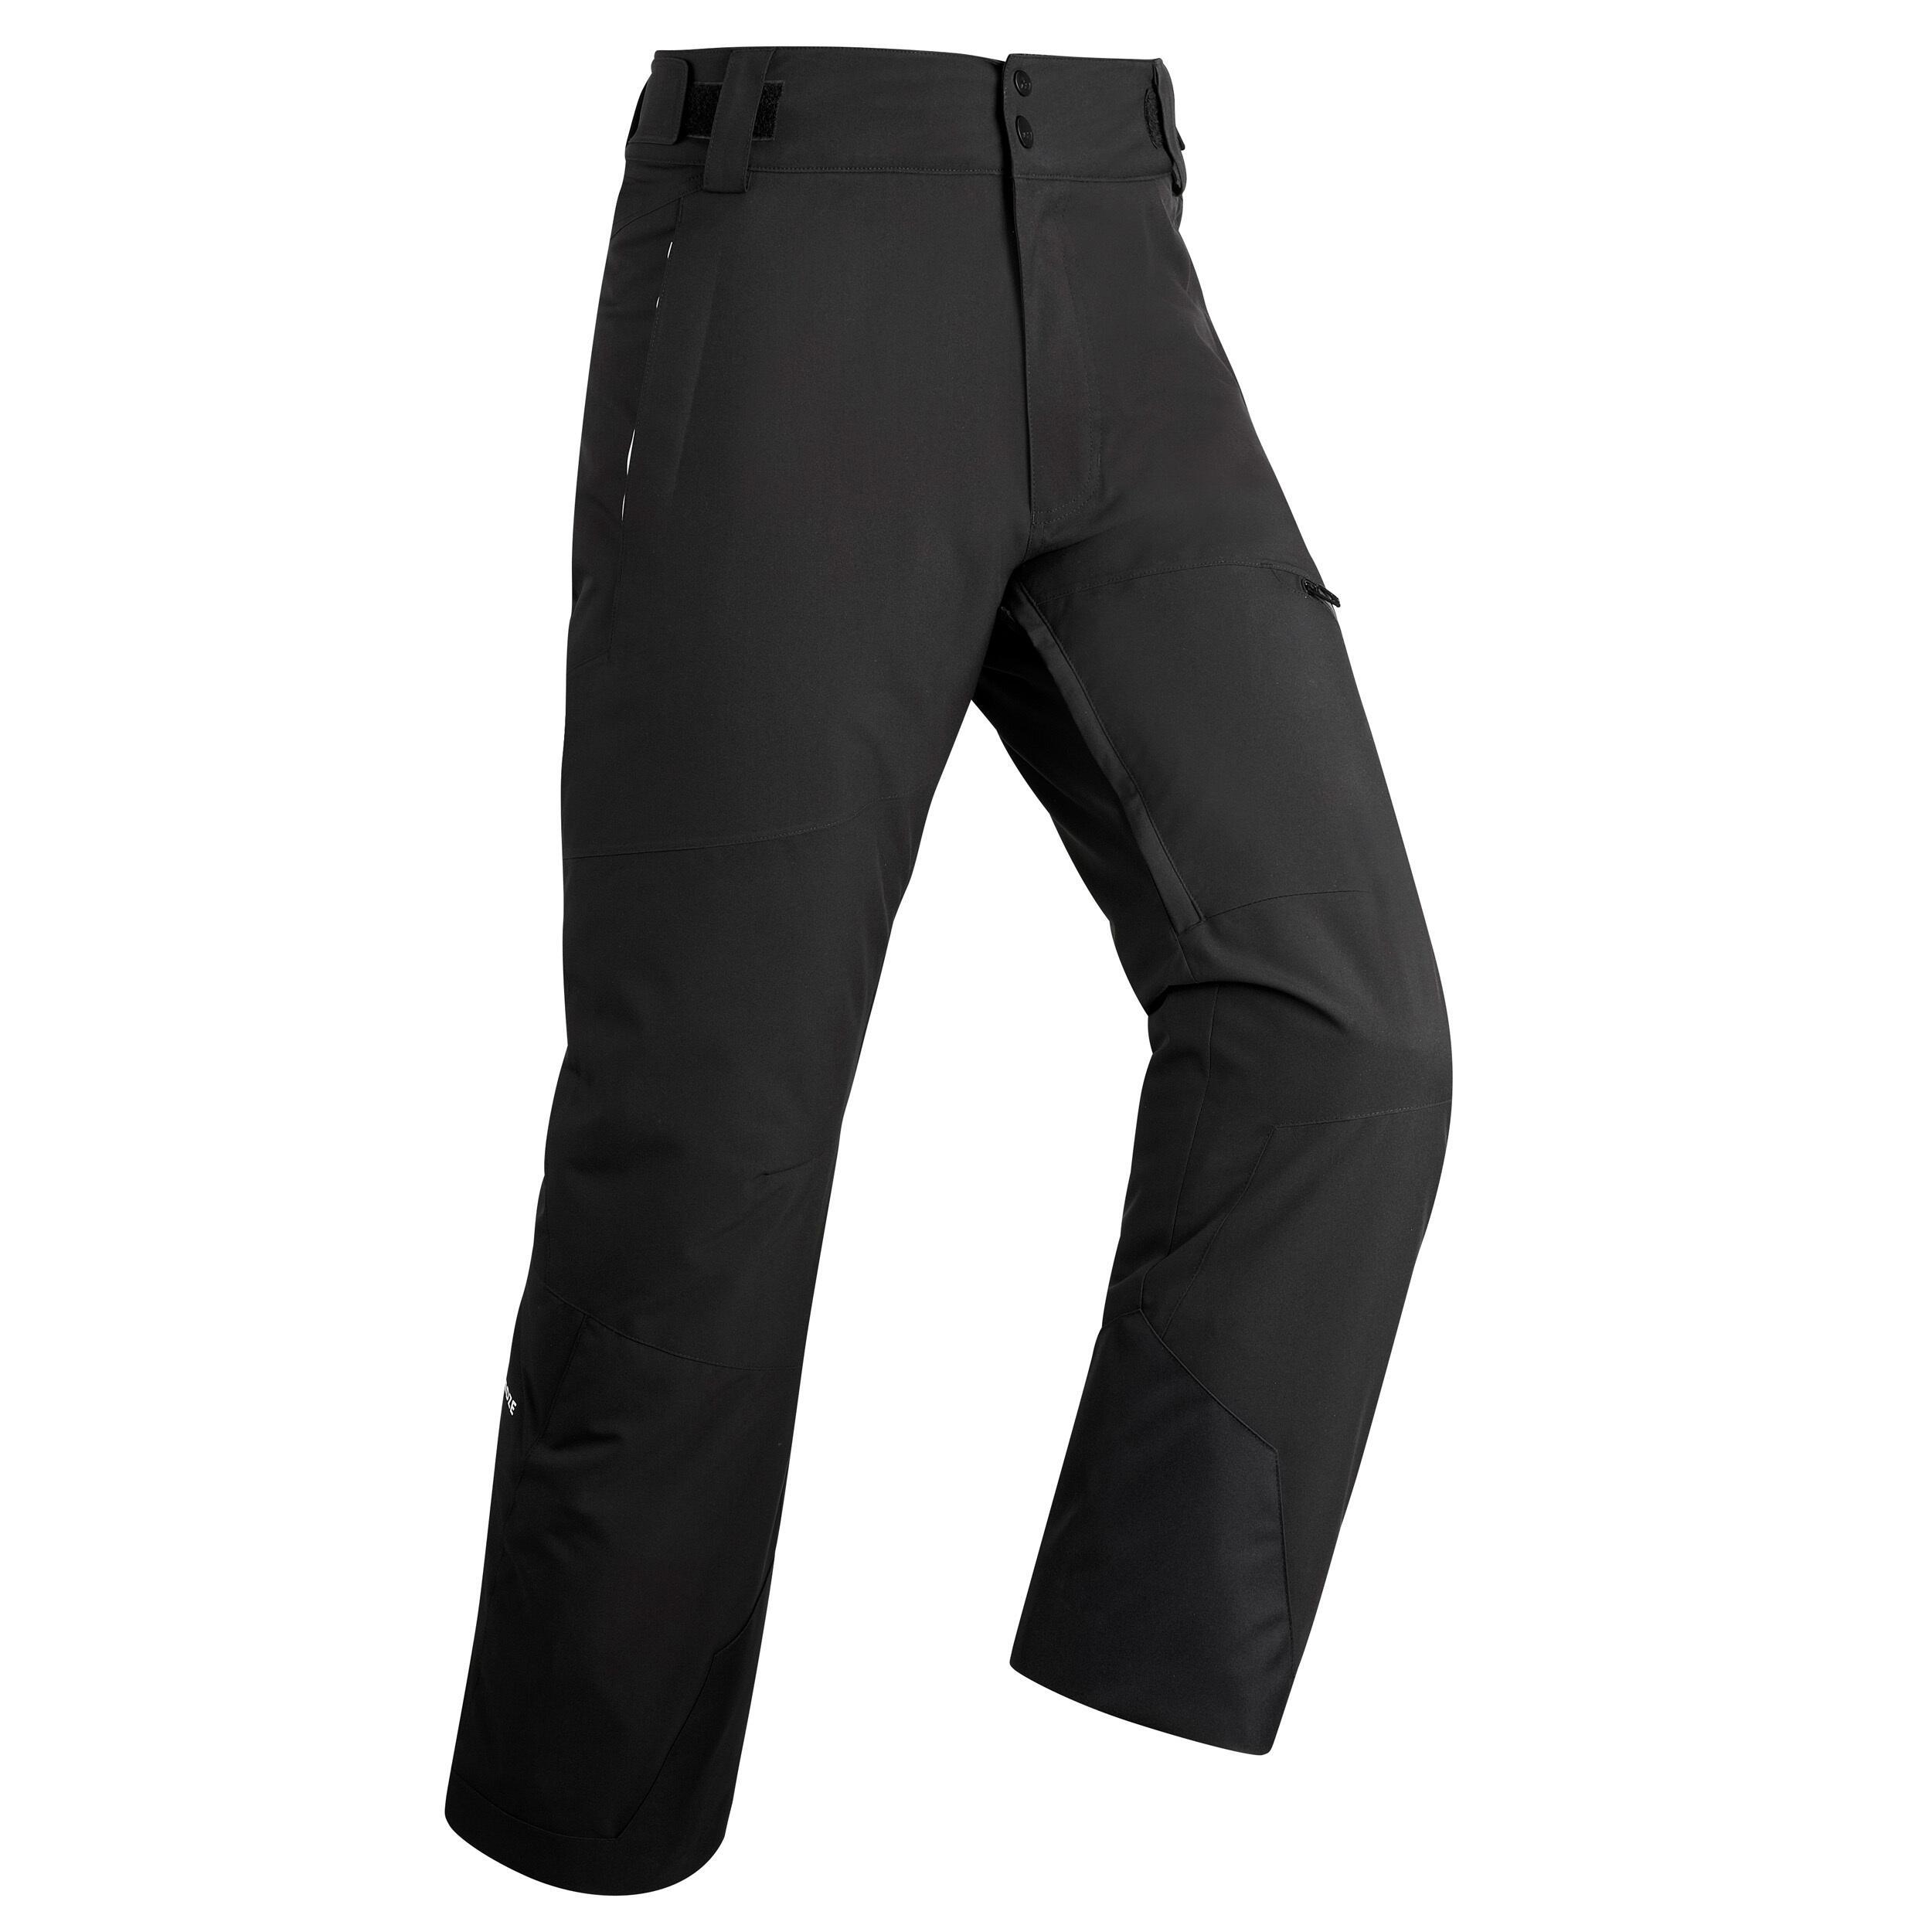 Pantalon Schi 500 Bărbaţi imagine